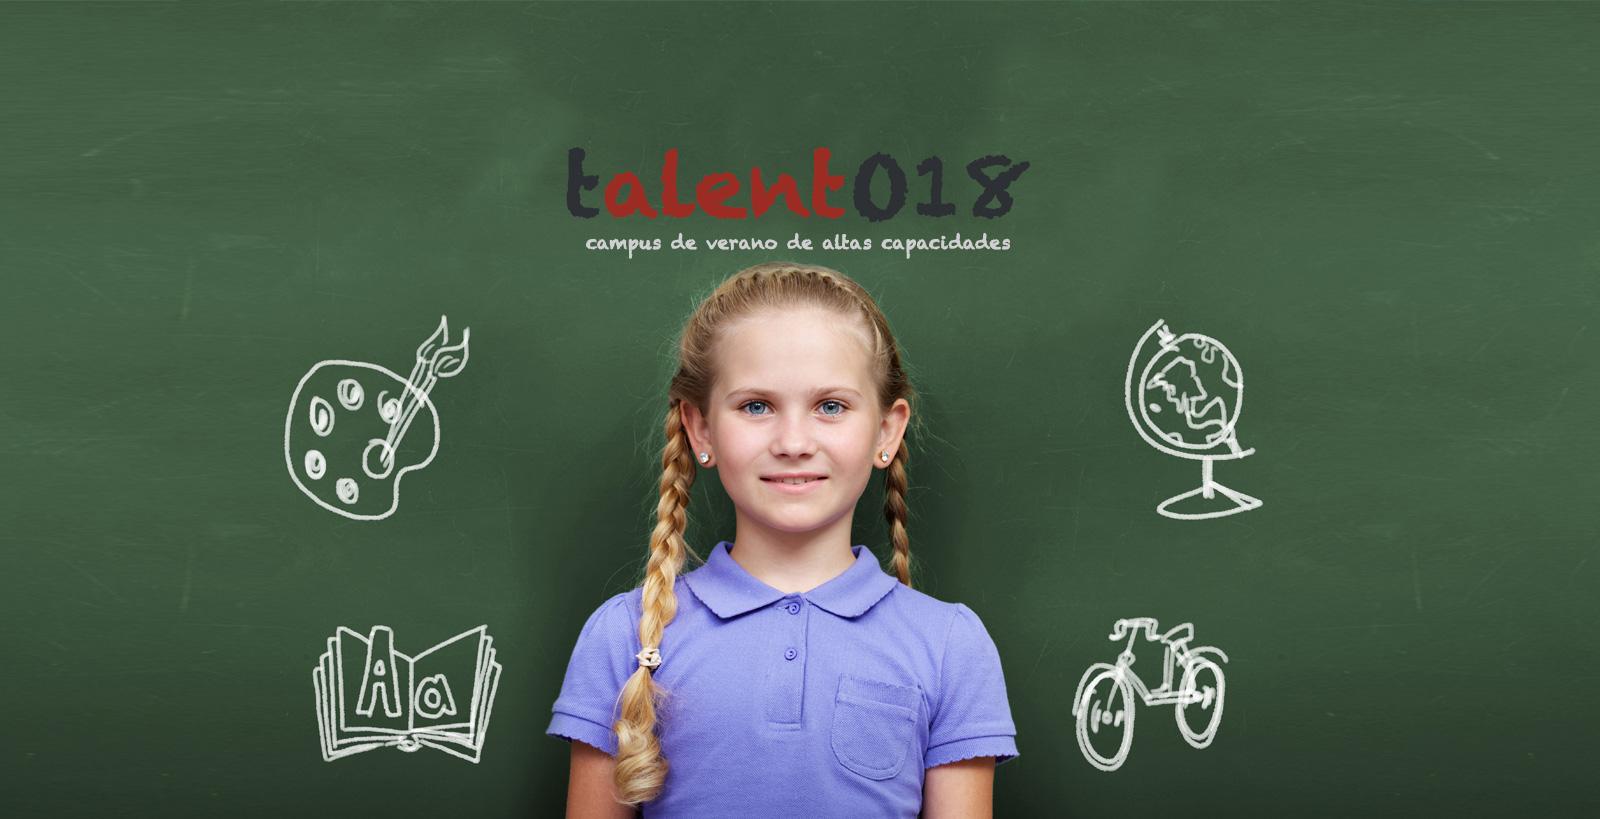 Campus Talento18 que organiza la Asociación de Altas Capacidades de Marbella y San Pedro (ACM)